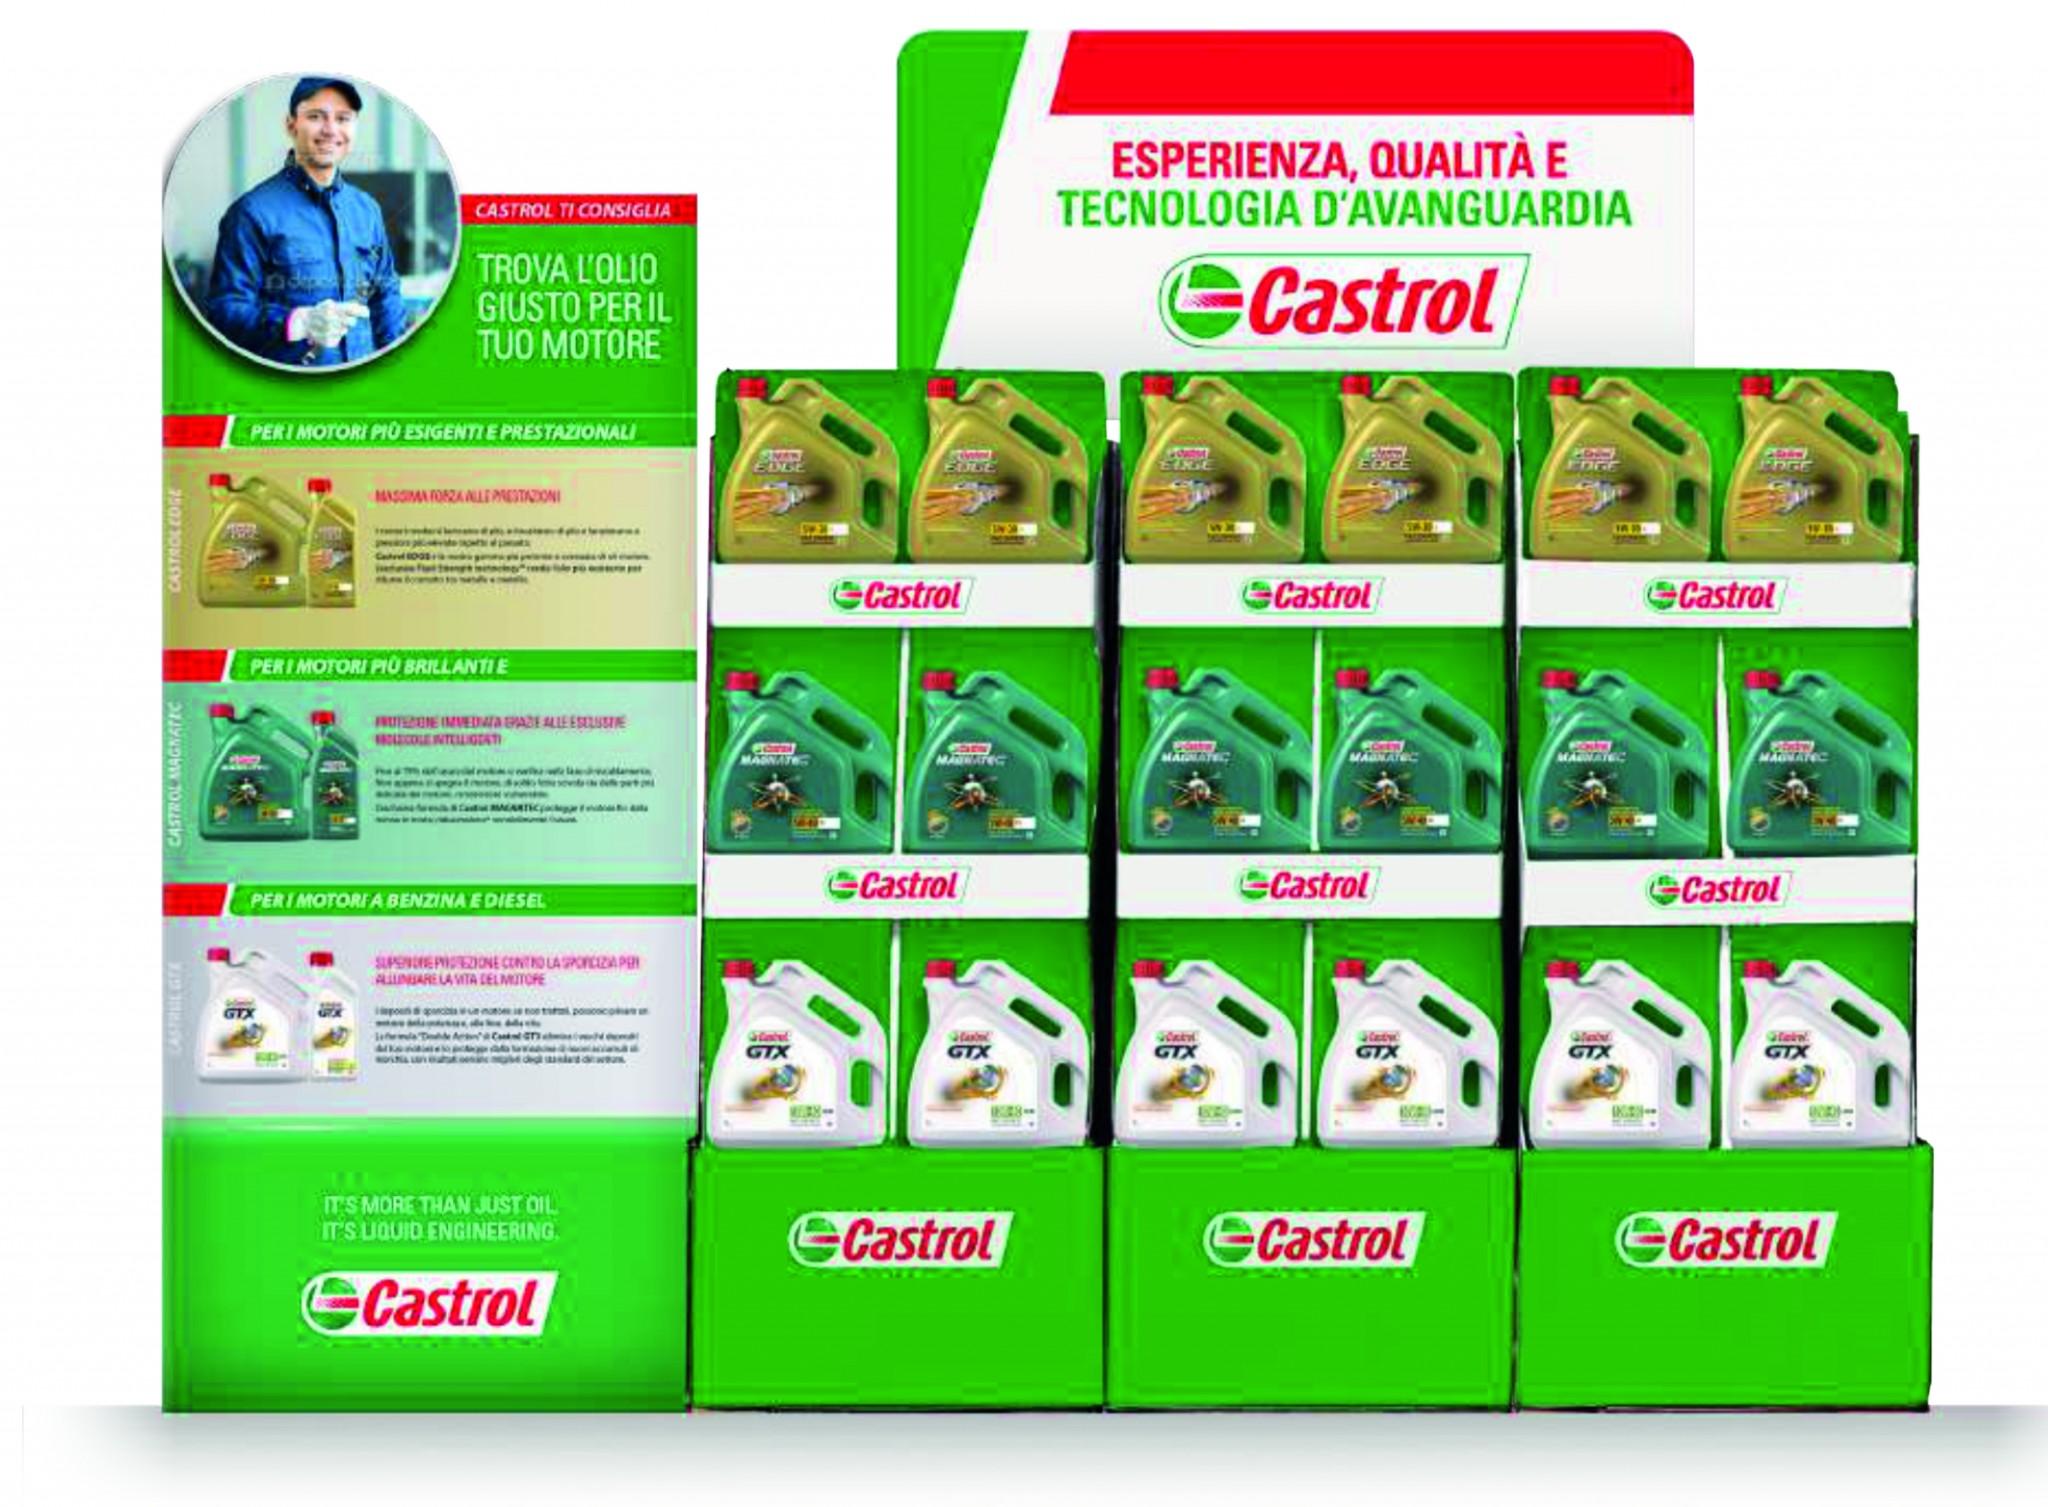 Espositori Castrol